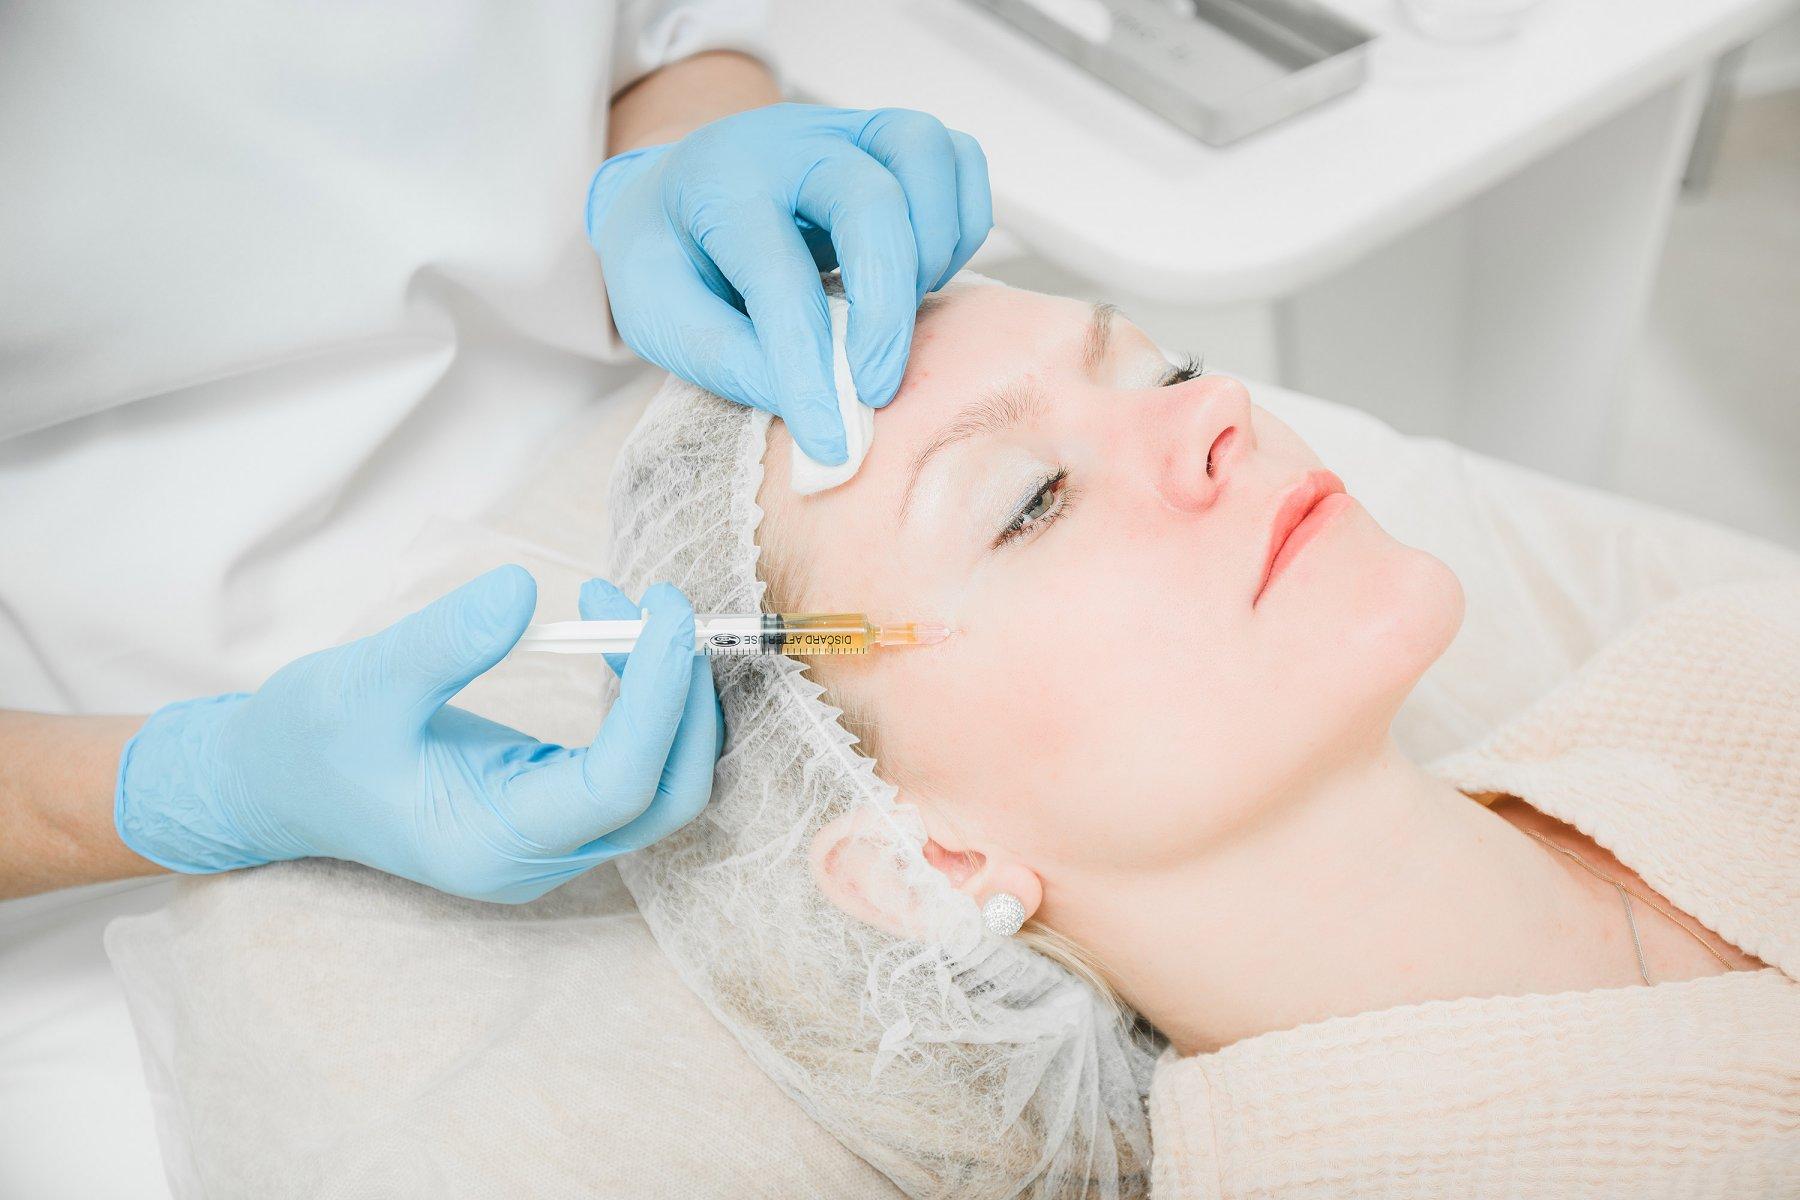 Prp-терапия лечение в москве